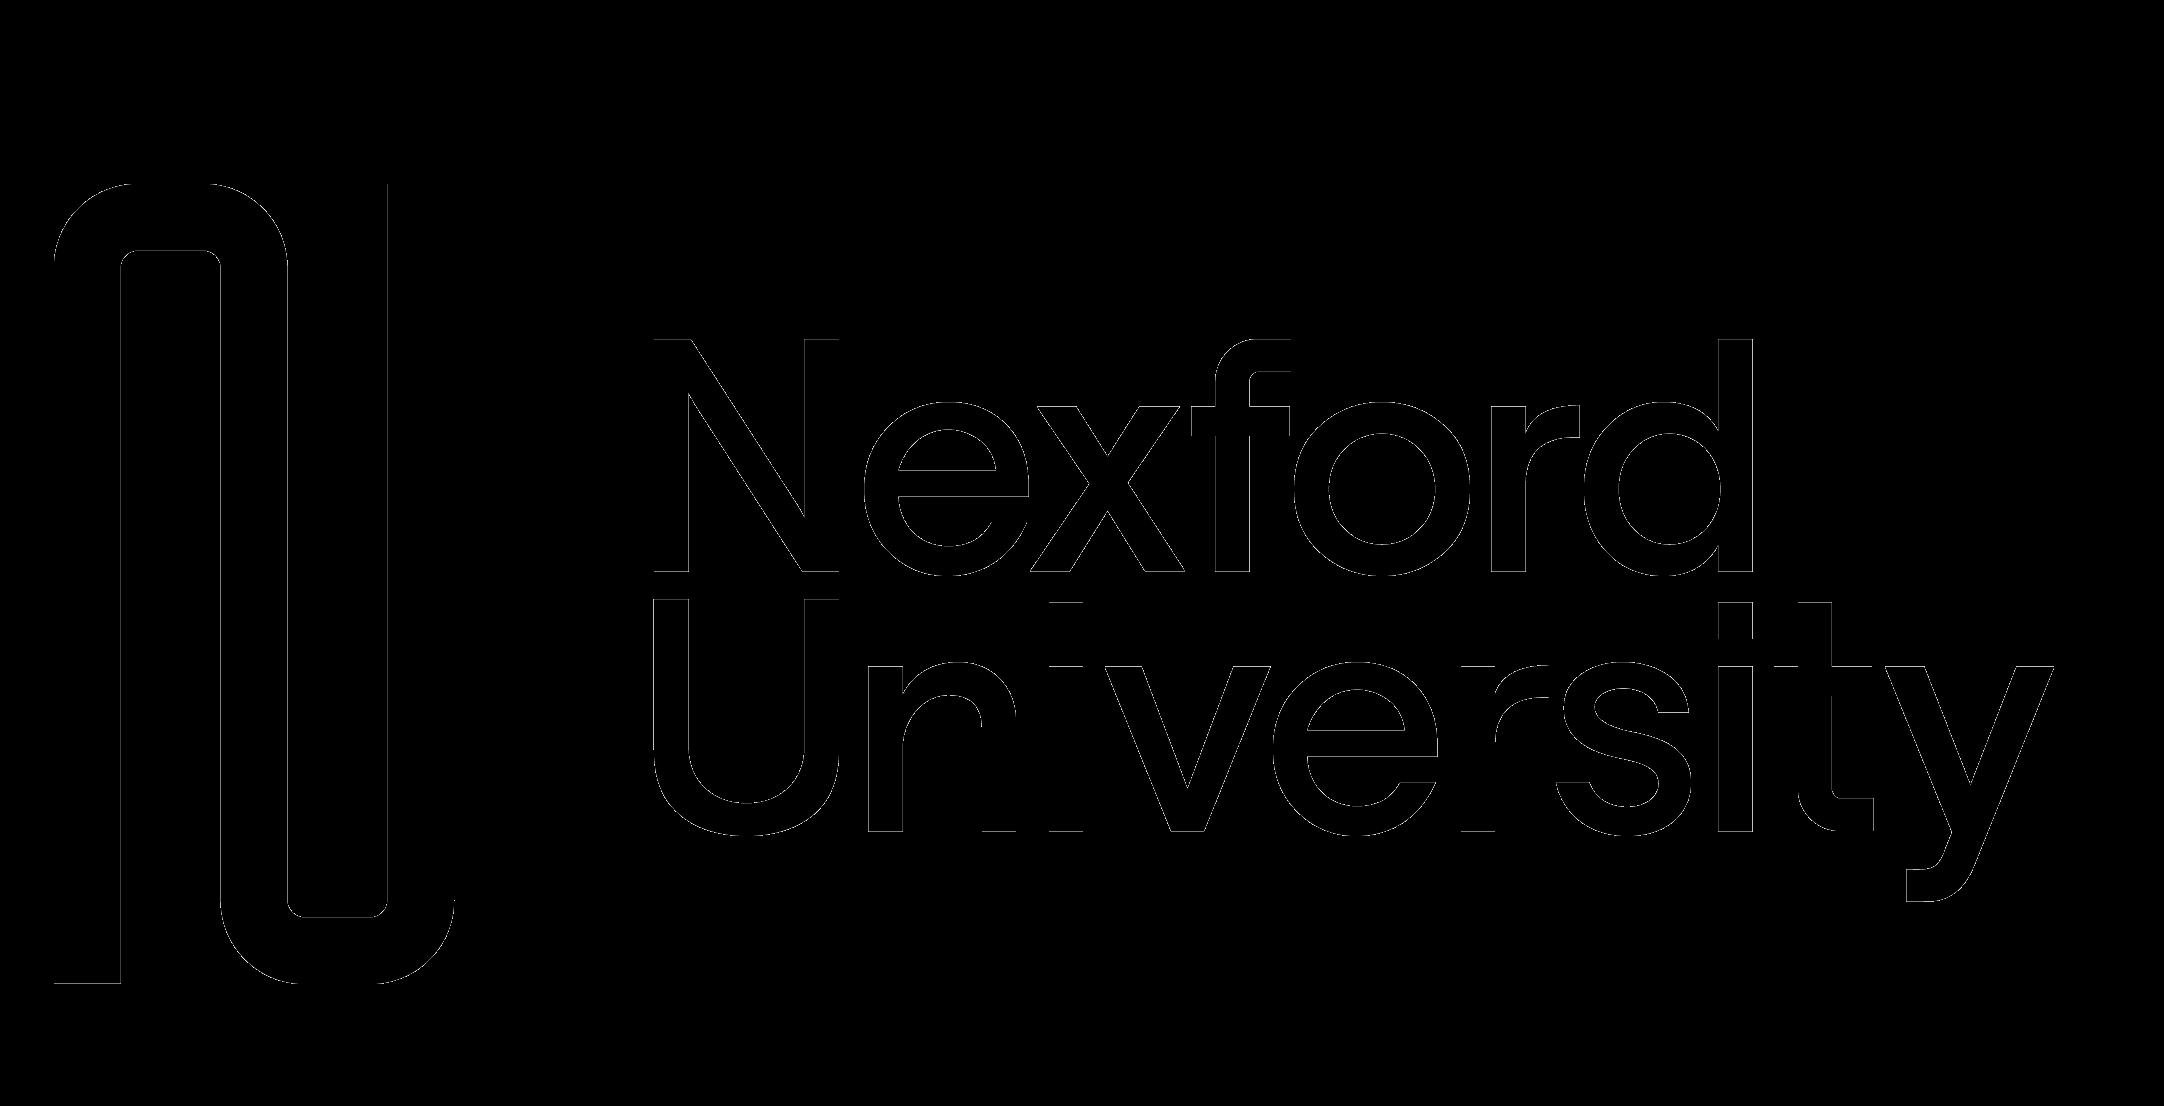 The Nexford University logo.